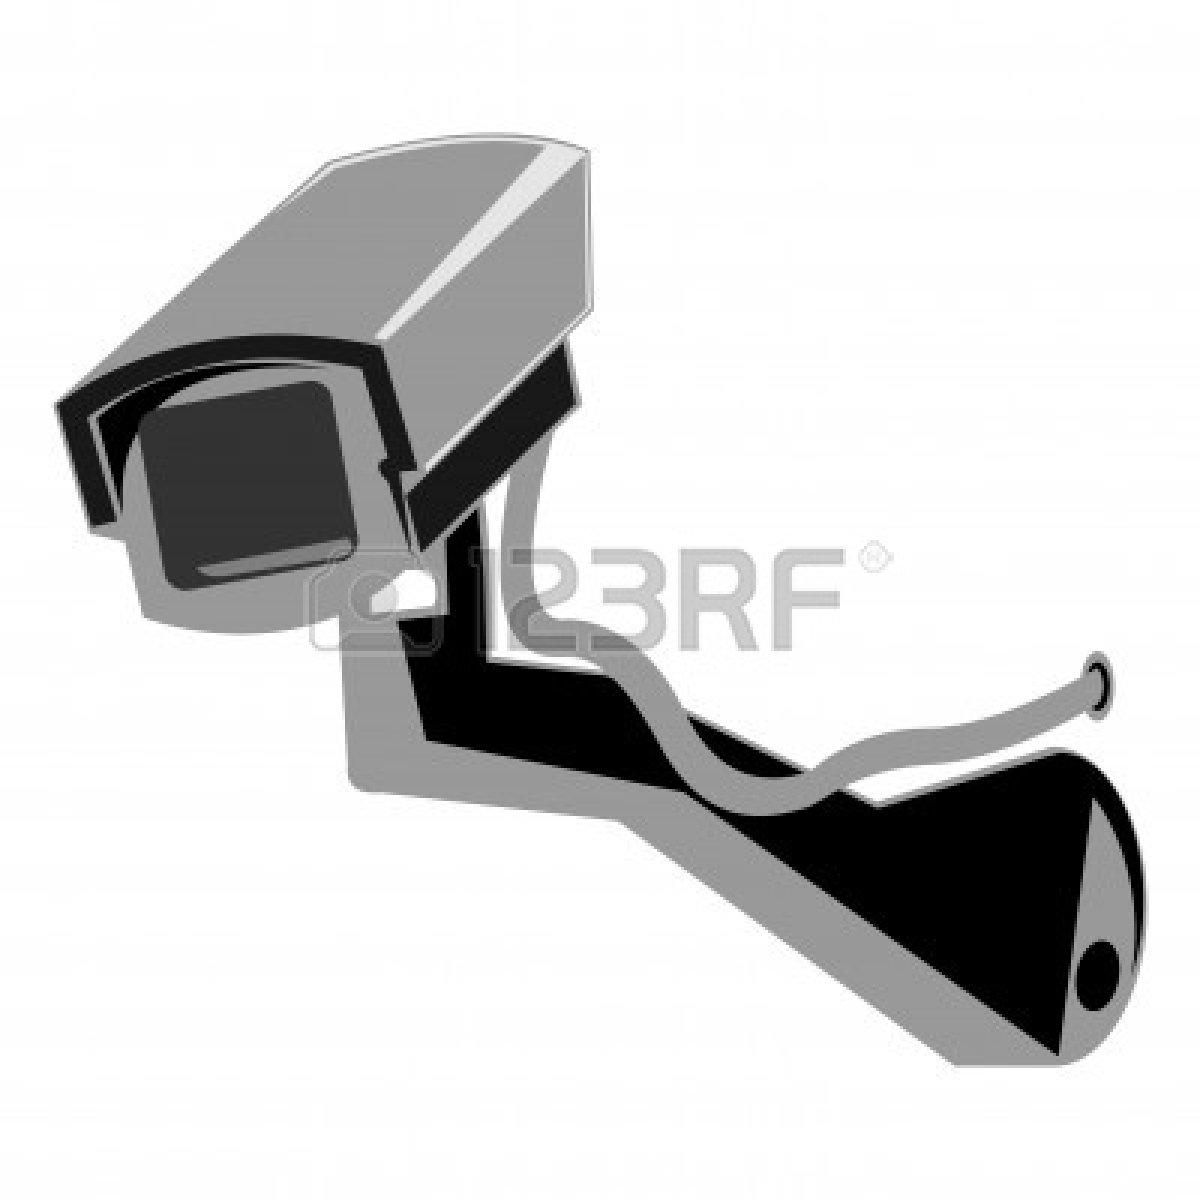 1200x1200 Surveillance Clipart